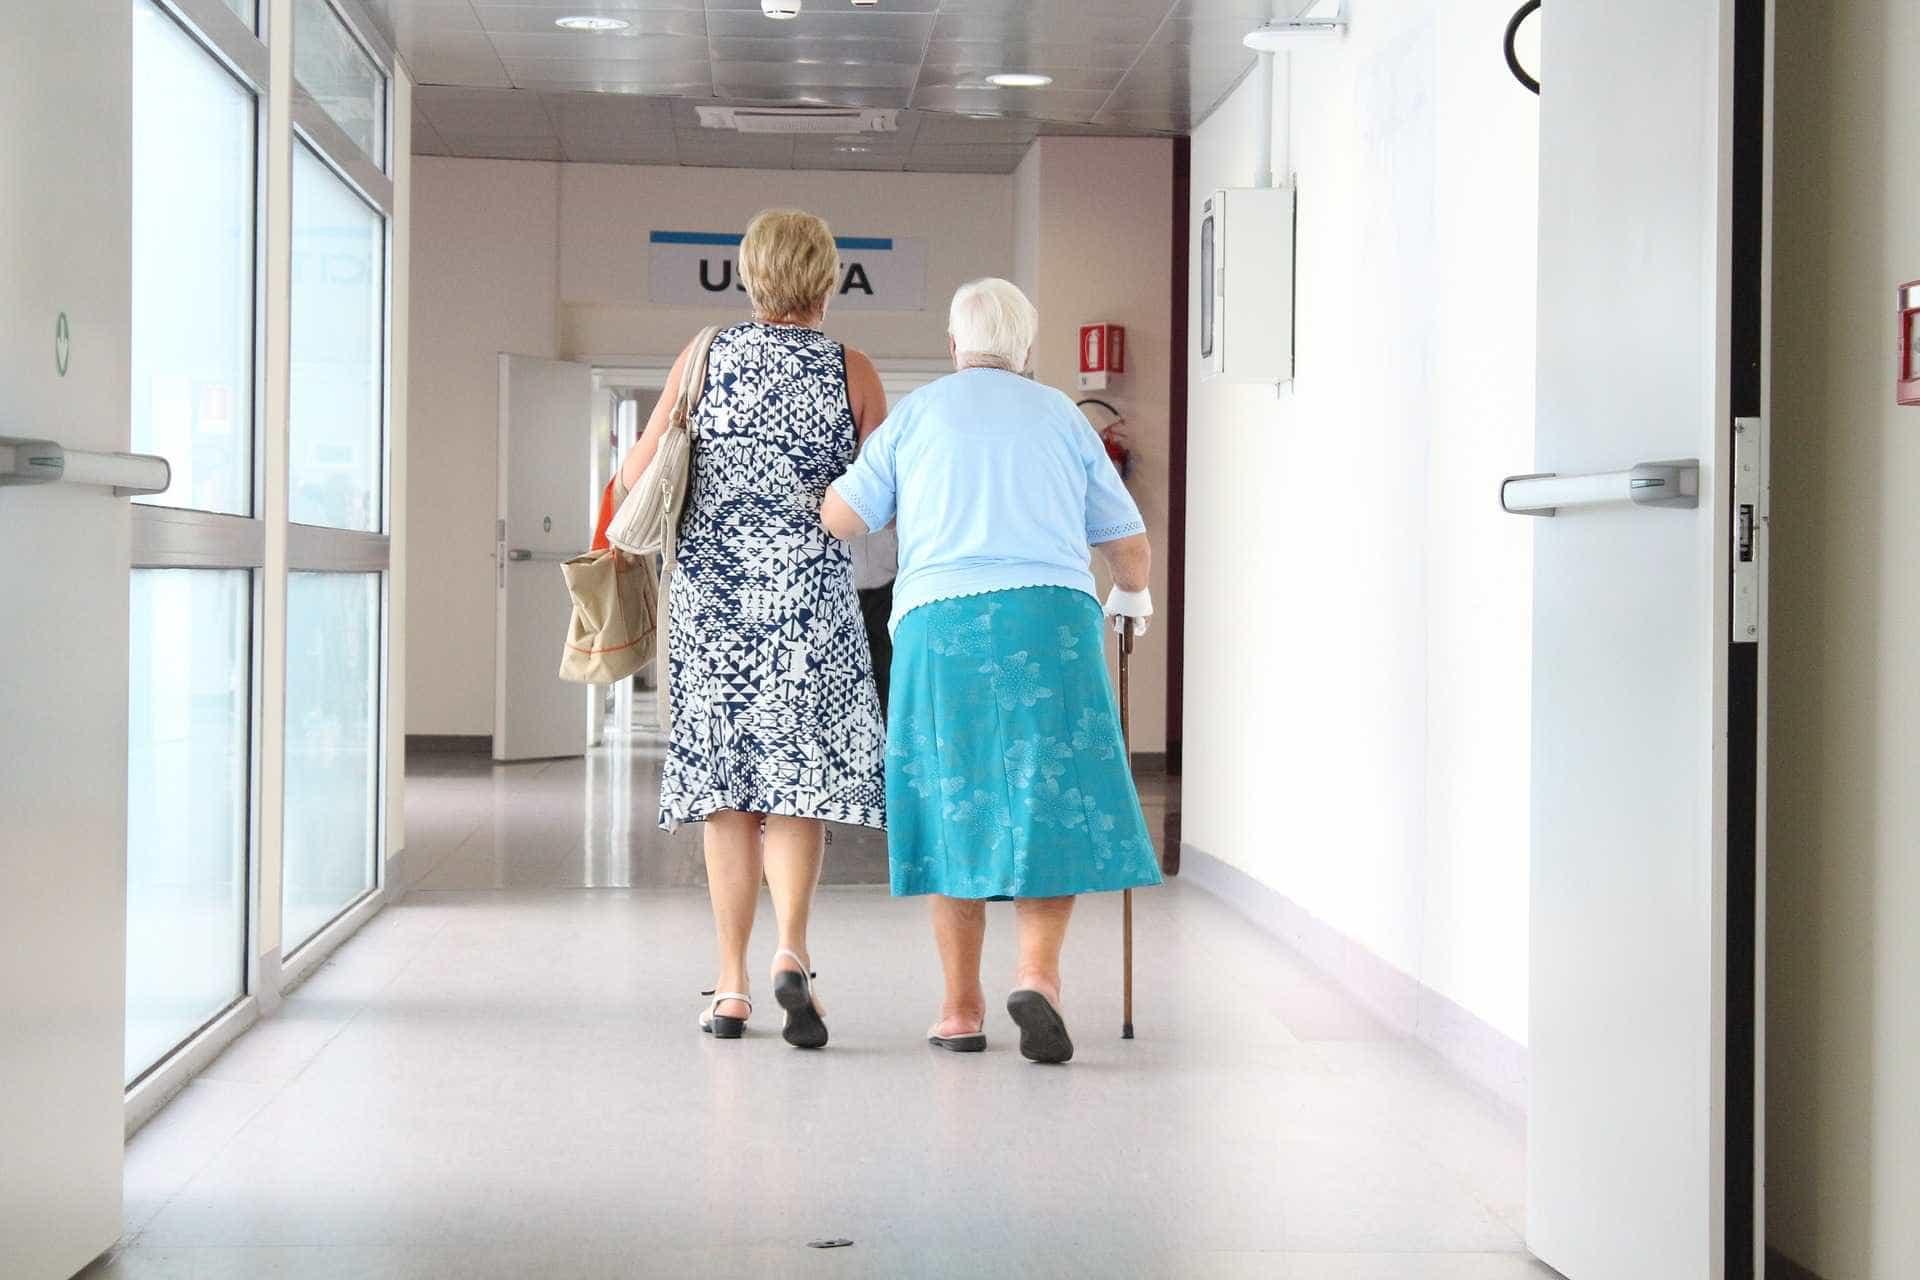 Novos idosos chegam à velhice com mais doenças crônicas e limitações